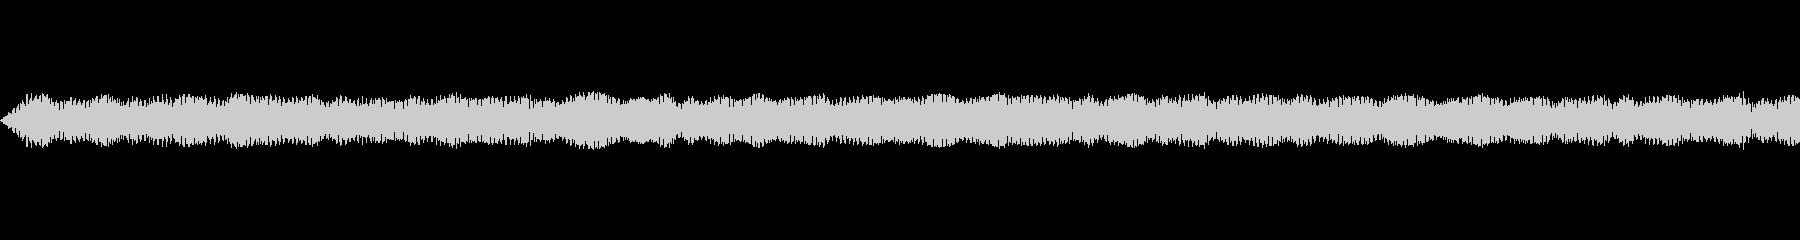 モンクボイスローモノトーンチャットの未再生の波形